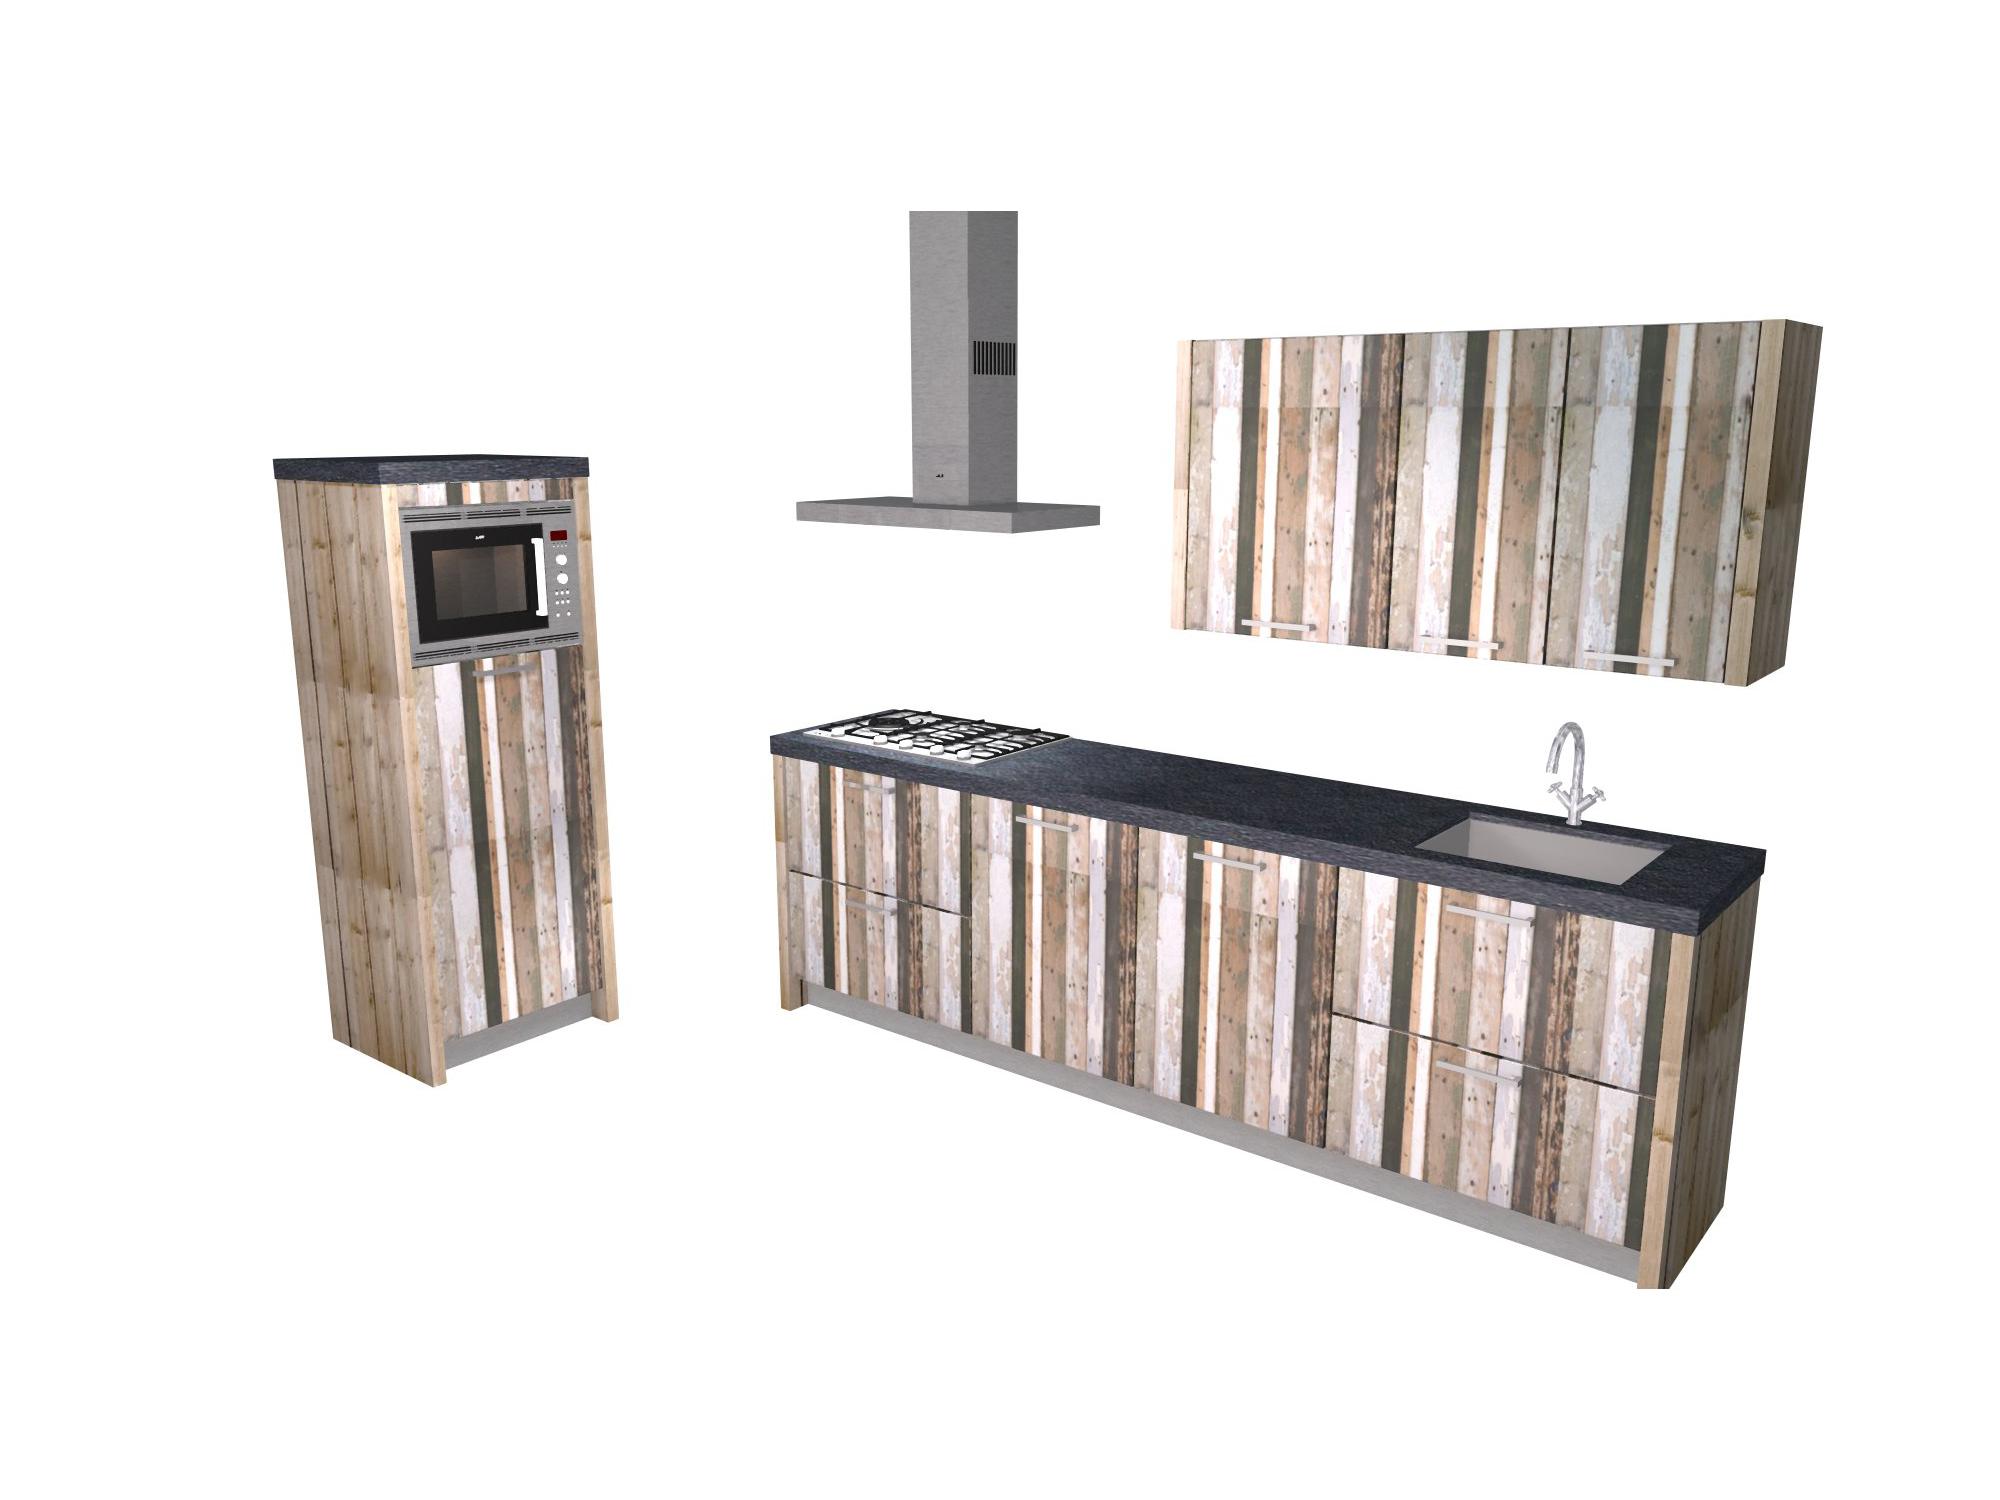 rechte keuken sloophout betonstuc